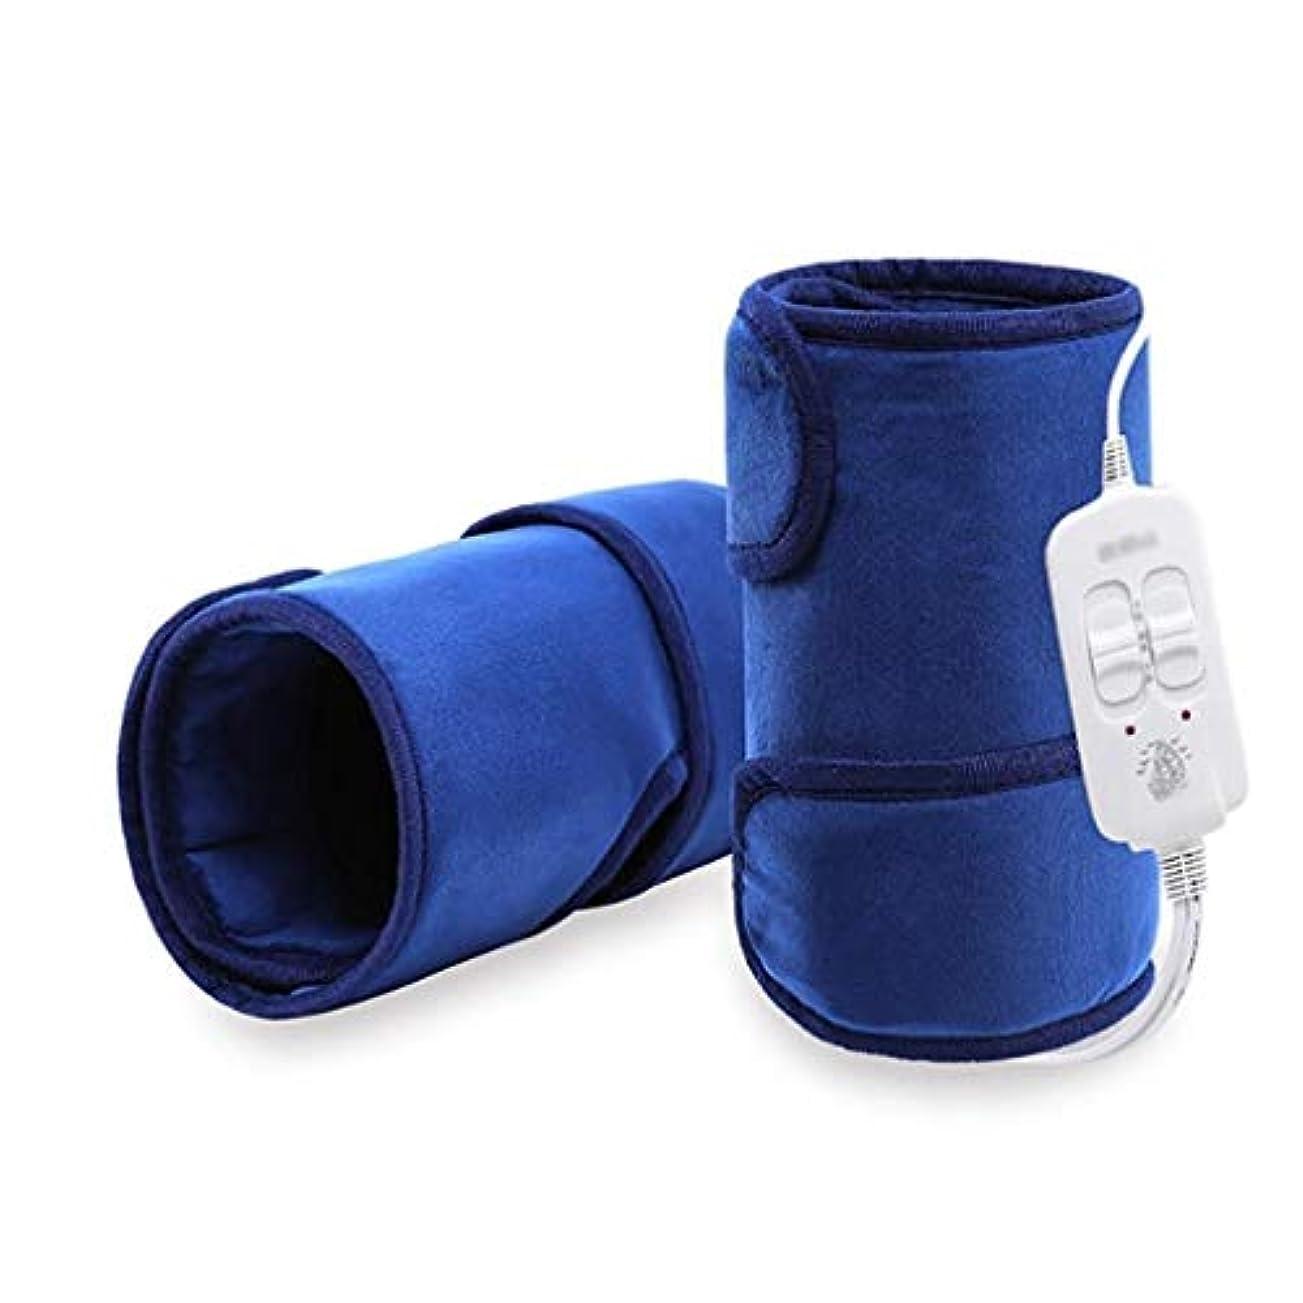 ベル妊娠したぼんやりしたレッグケアマッサージャー、加熱膝パッド、脚Pad/温かい/温湿布/遠赤外線、血液循環を促進 (Color : 青)